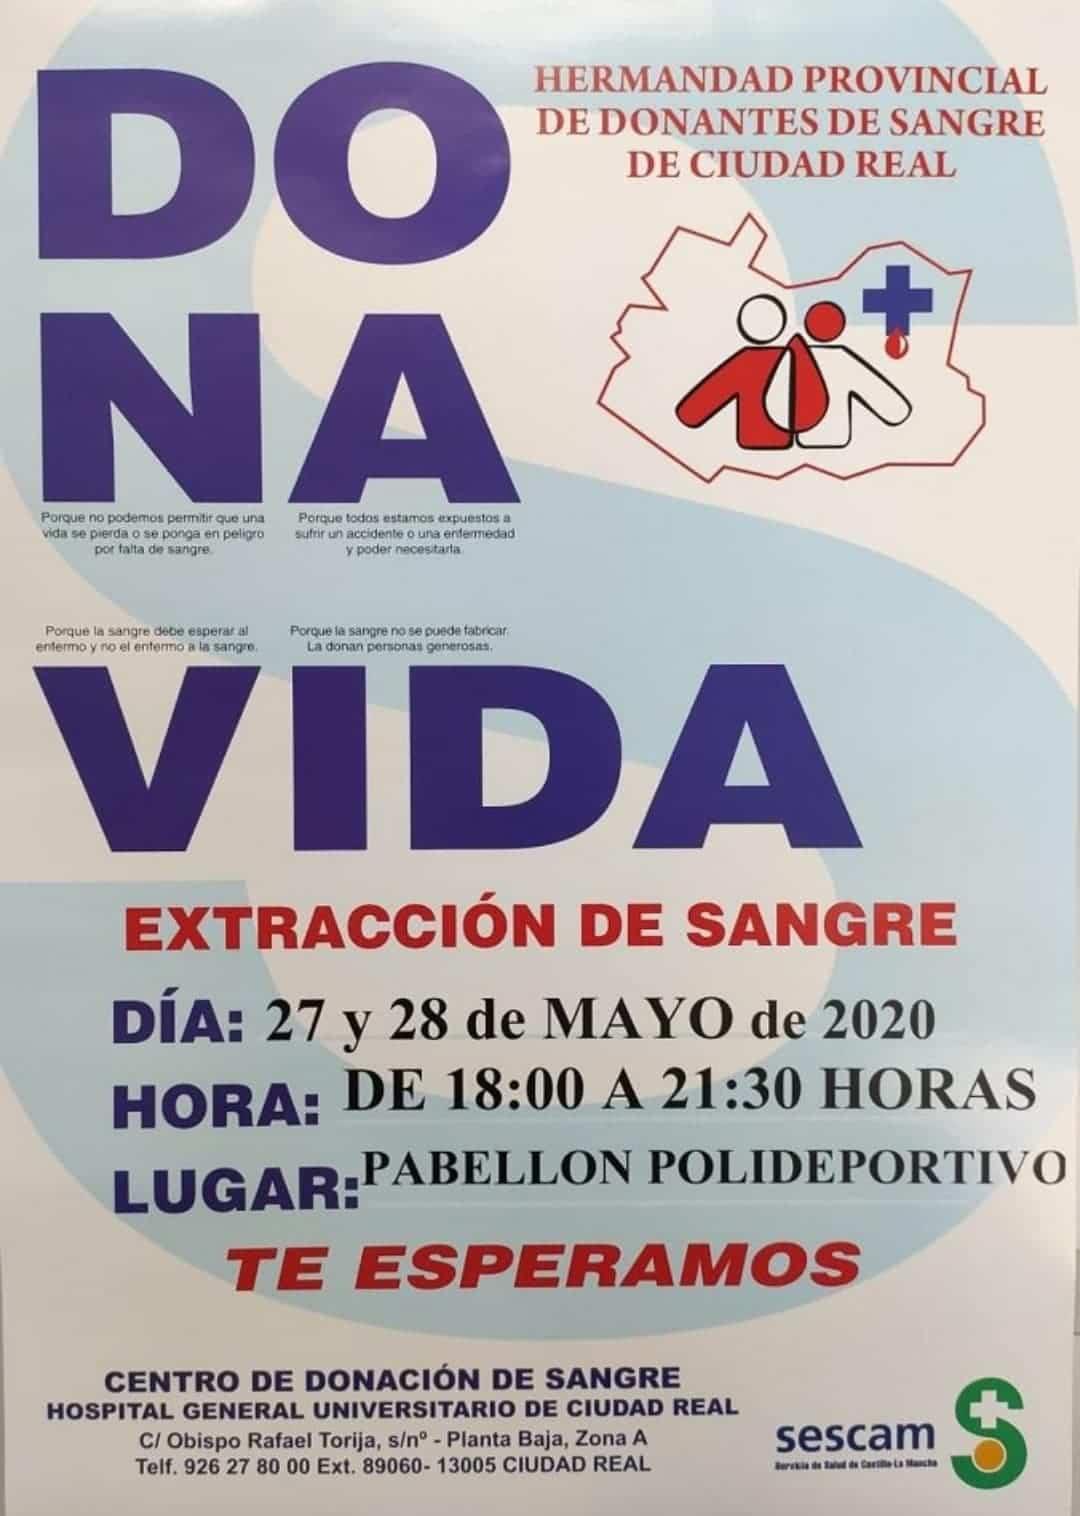 donacion sangre herencia covid 19 - Donación de sangre en Herencia los días 27 y 28 de mayo de 2020